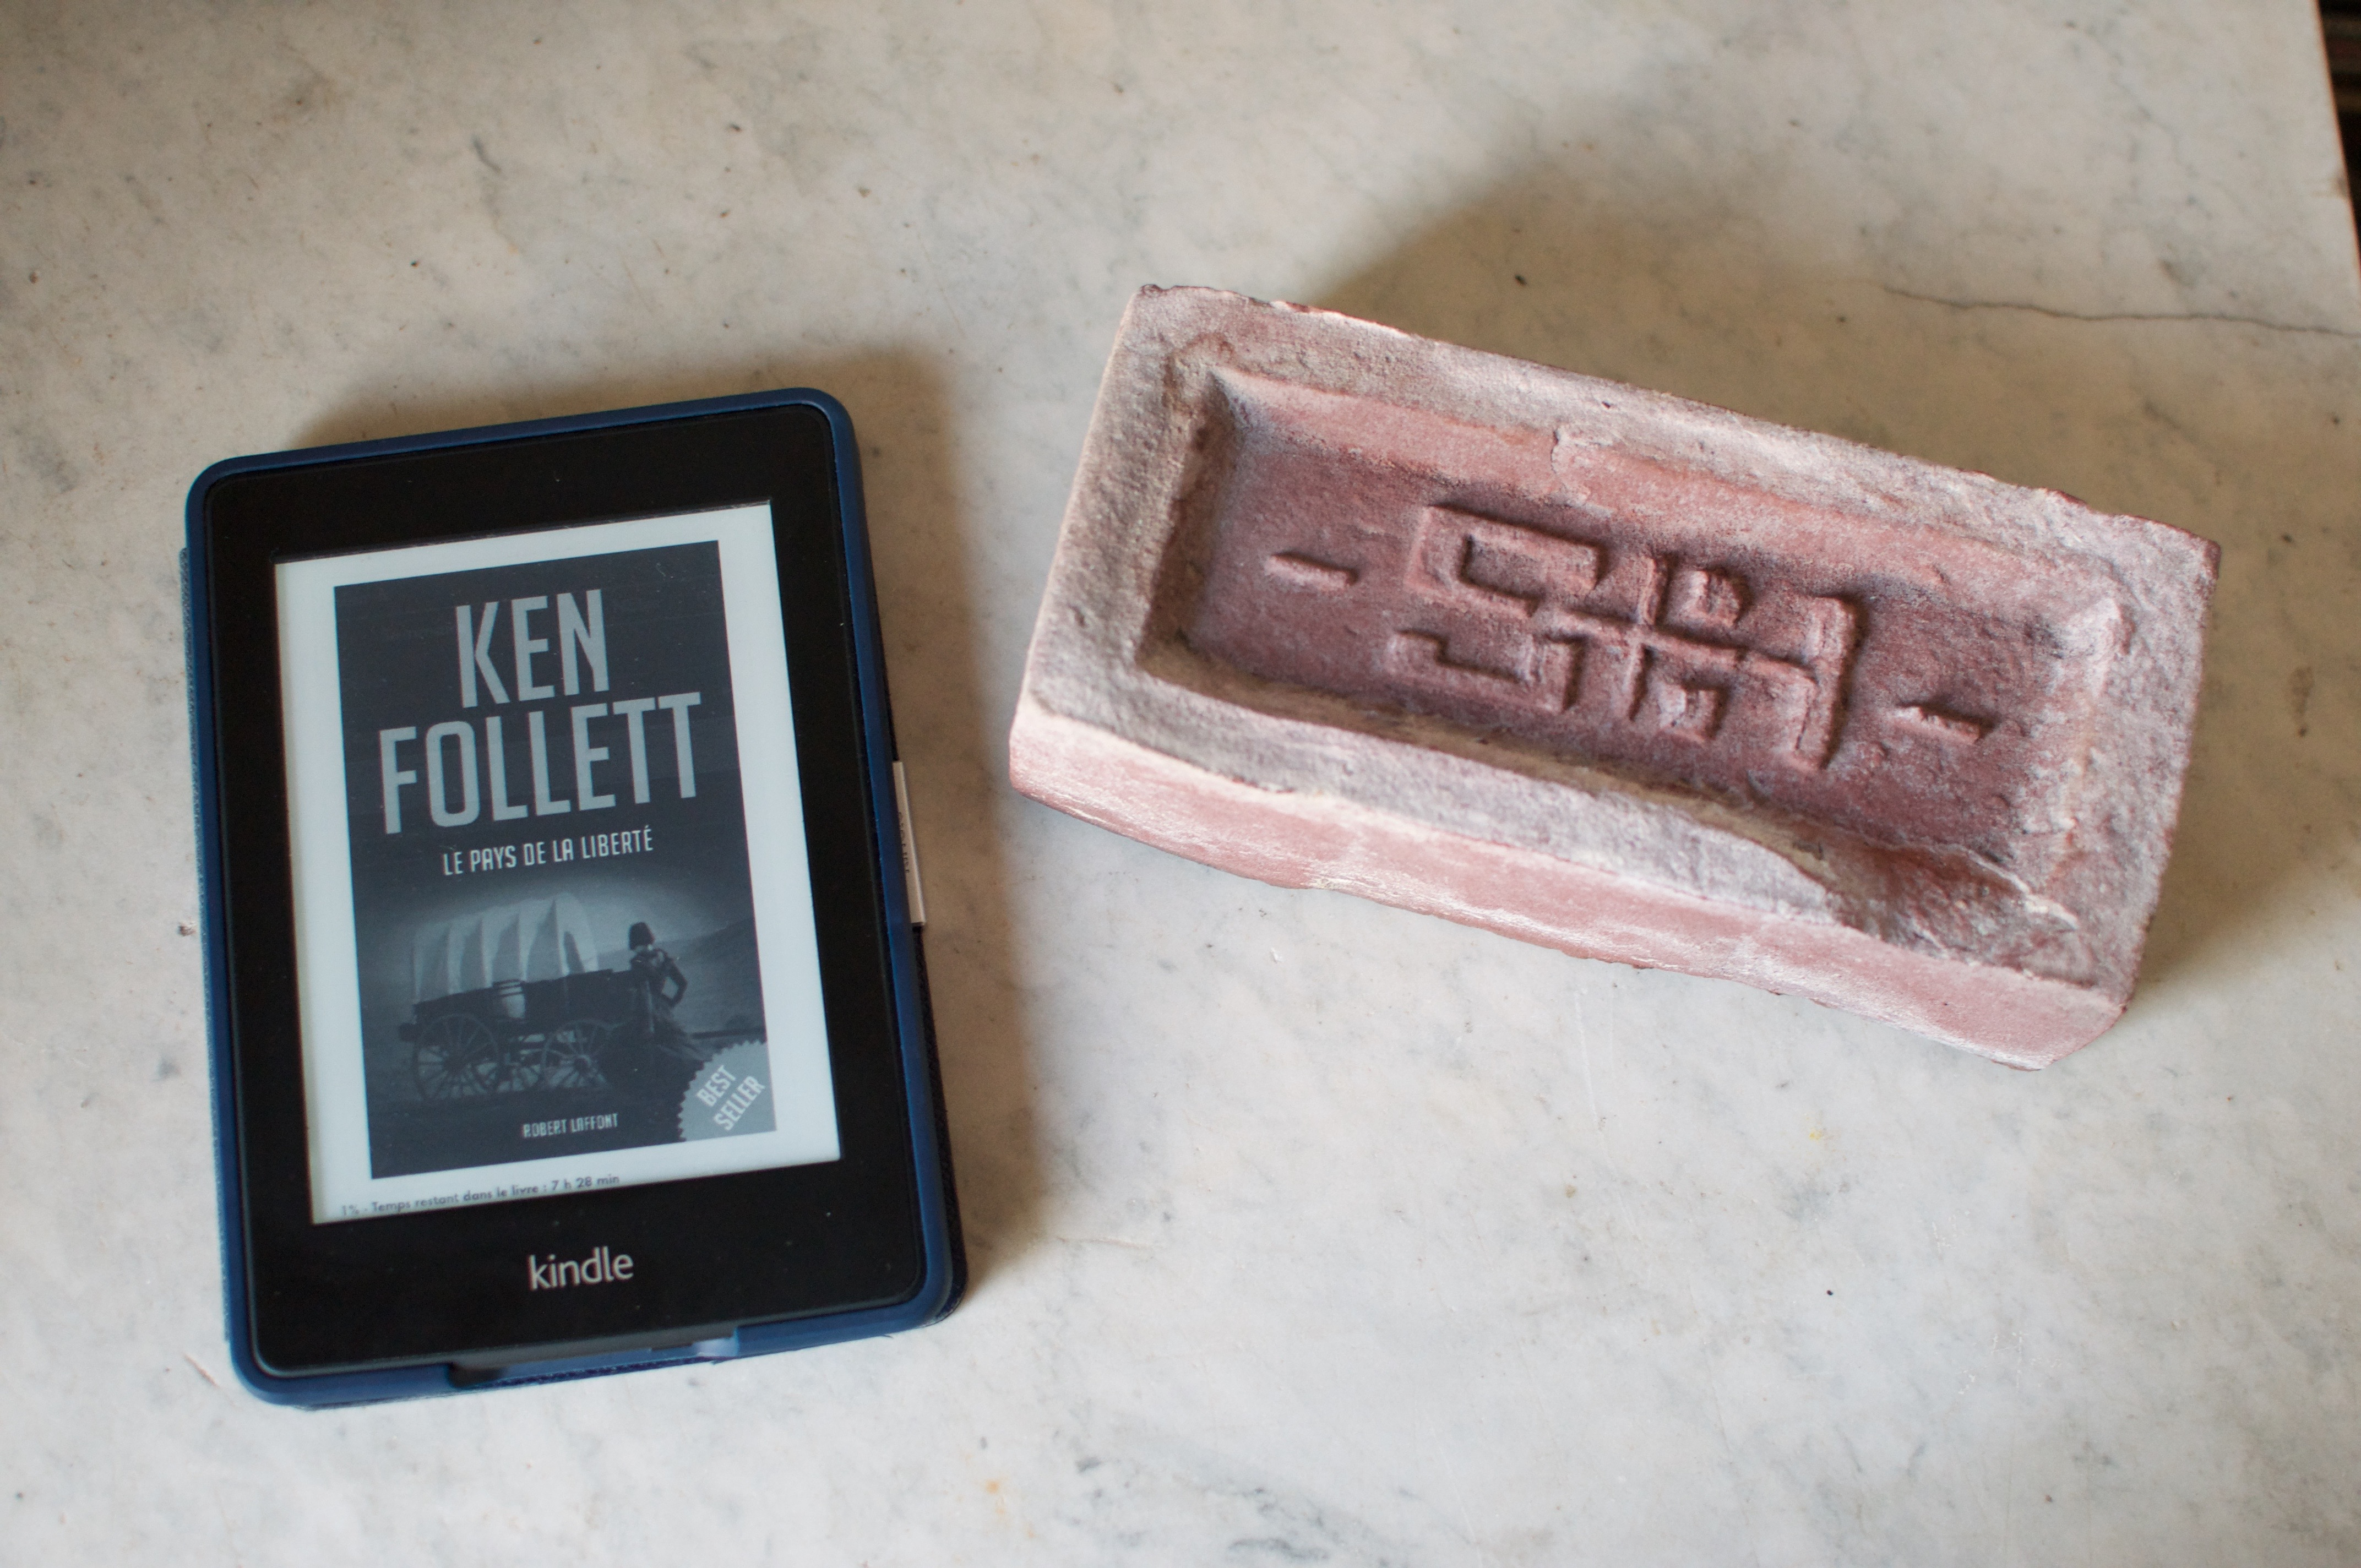 Le pays de la liberté de Ken Follett